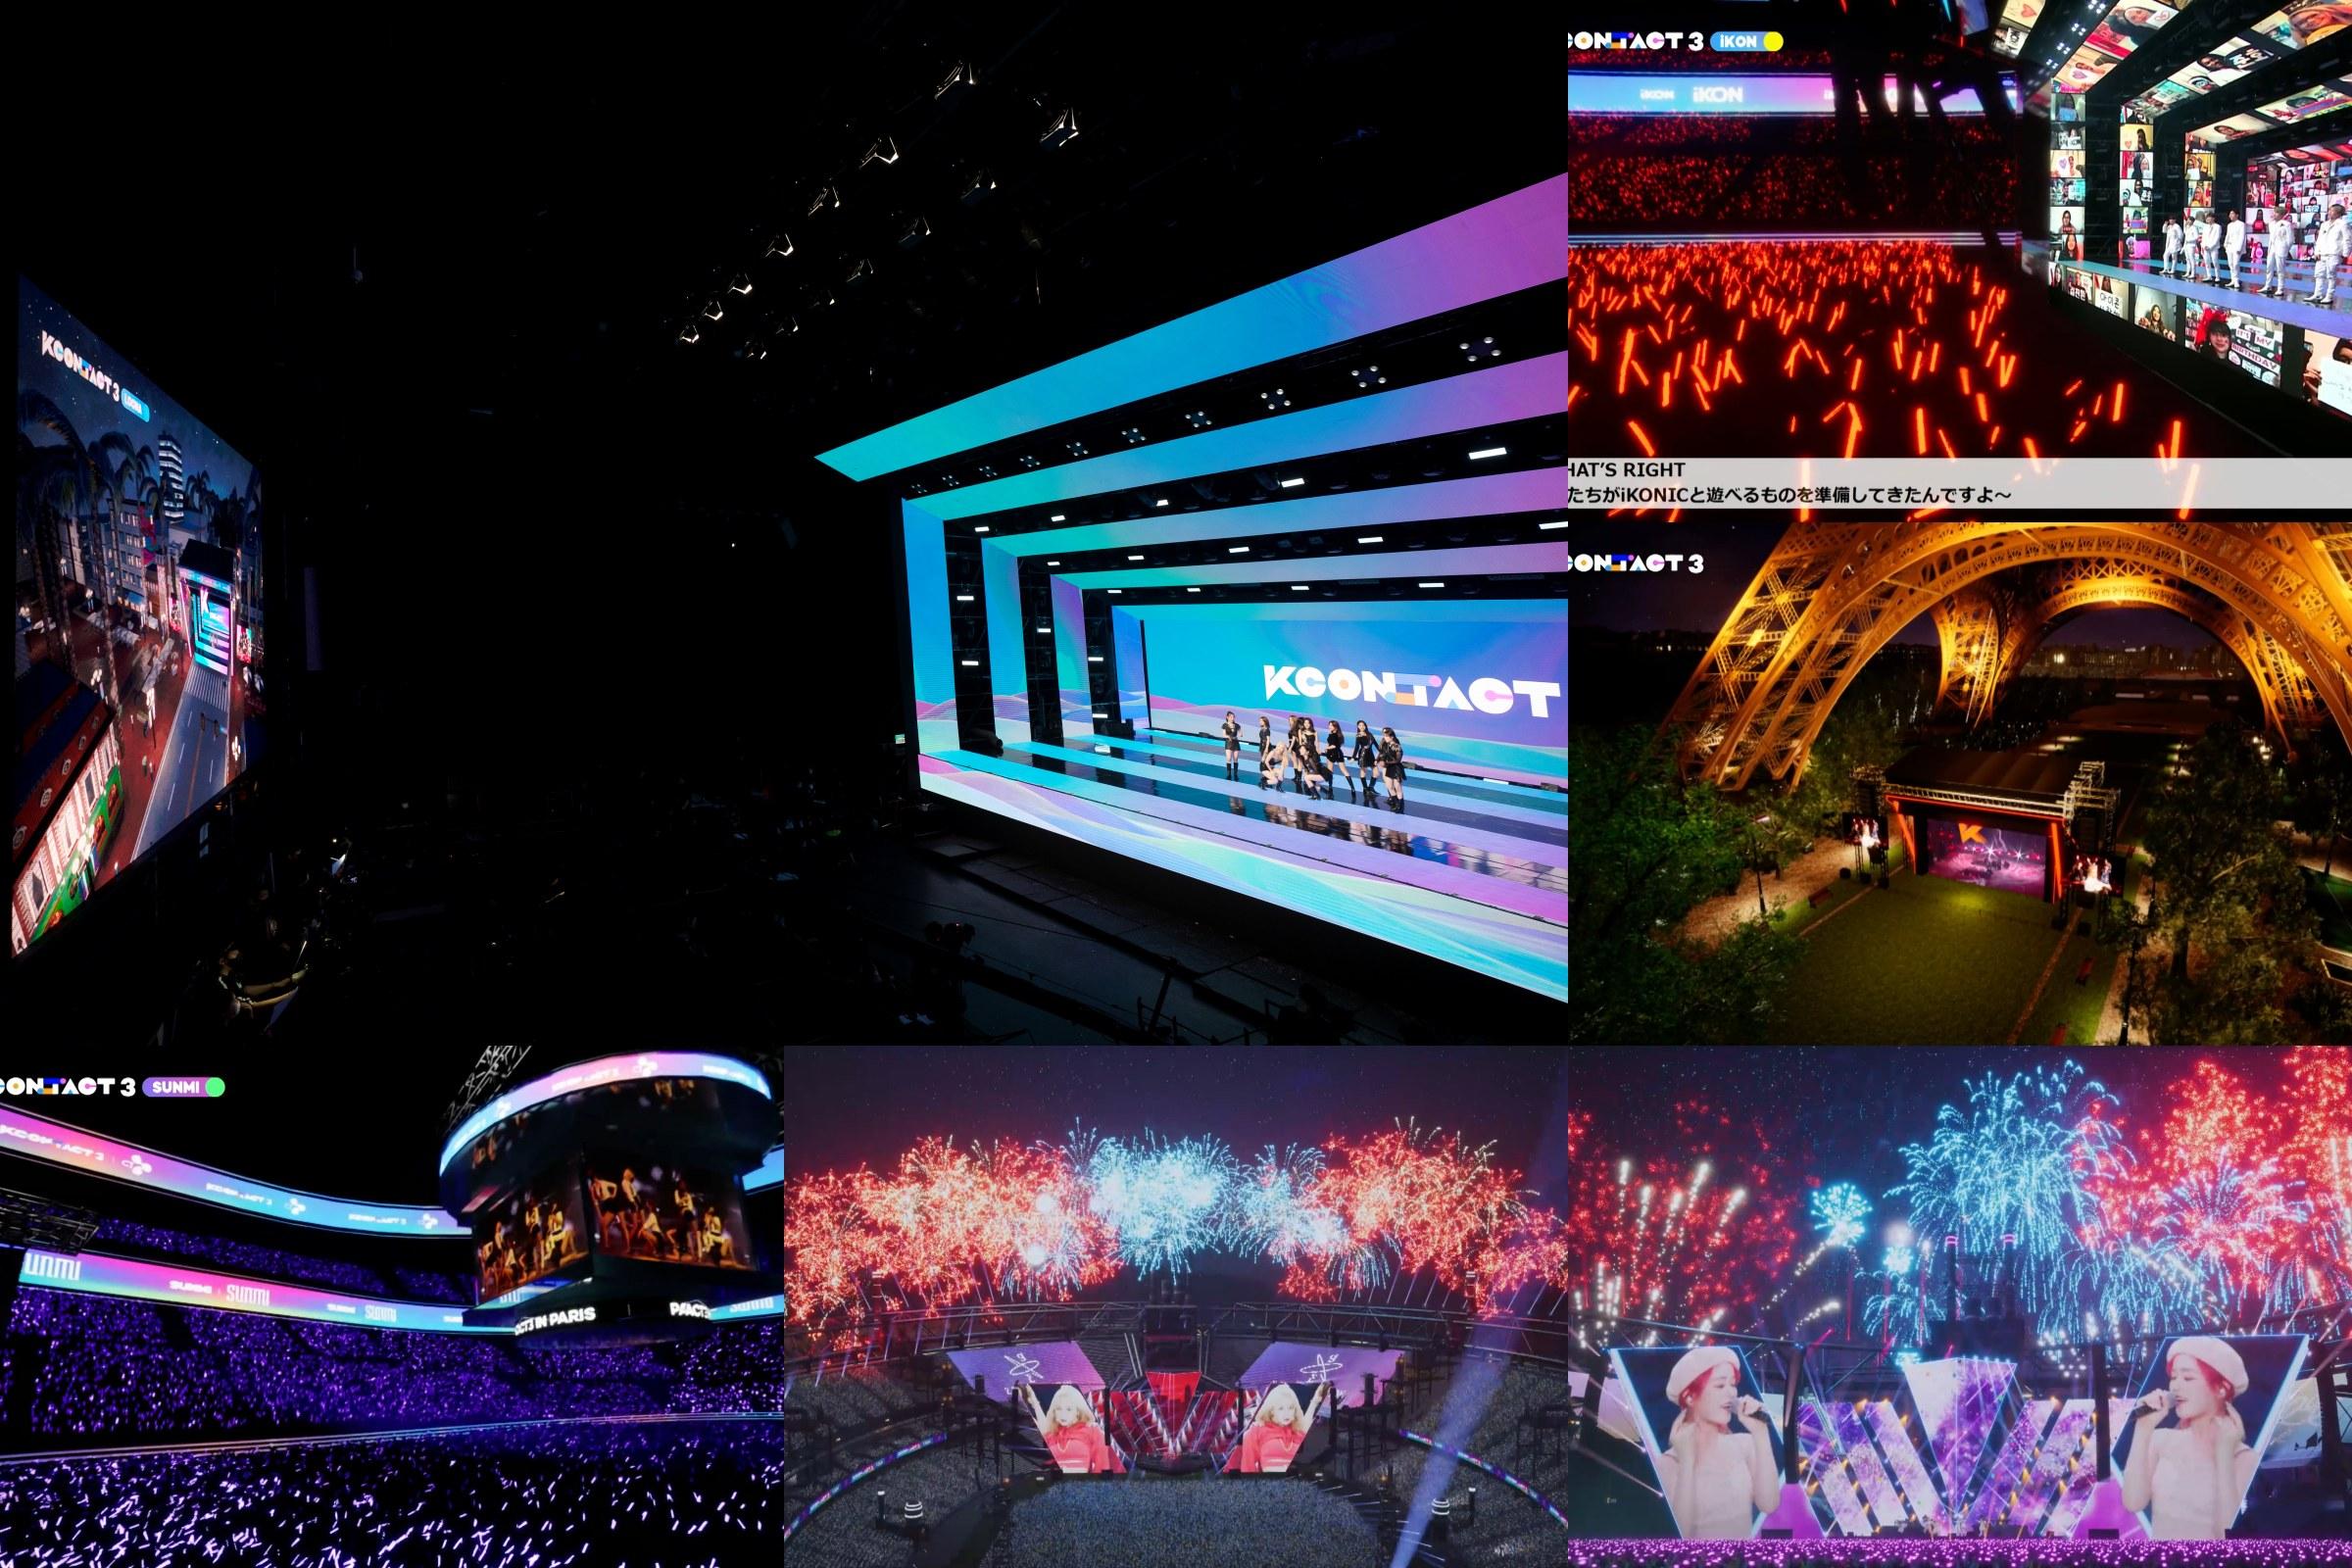 [포토스토리] 전세계 400만명과 함께 한 KCON:TACT 3(케이콘택트3)